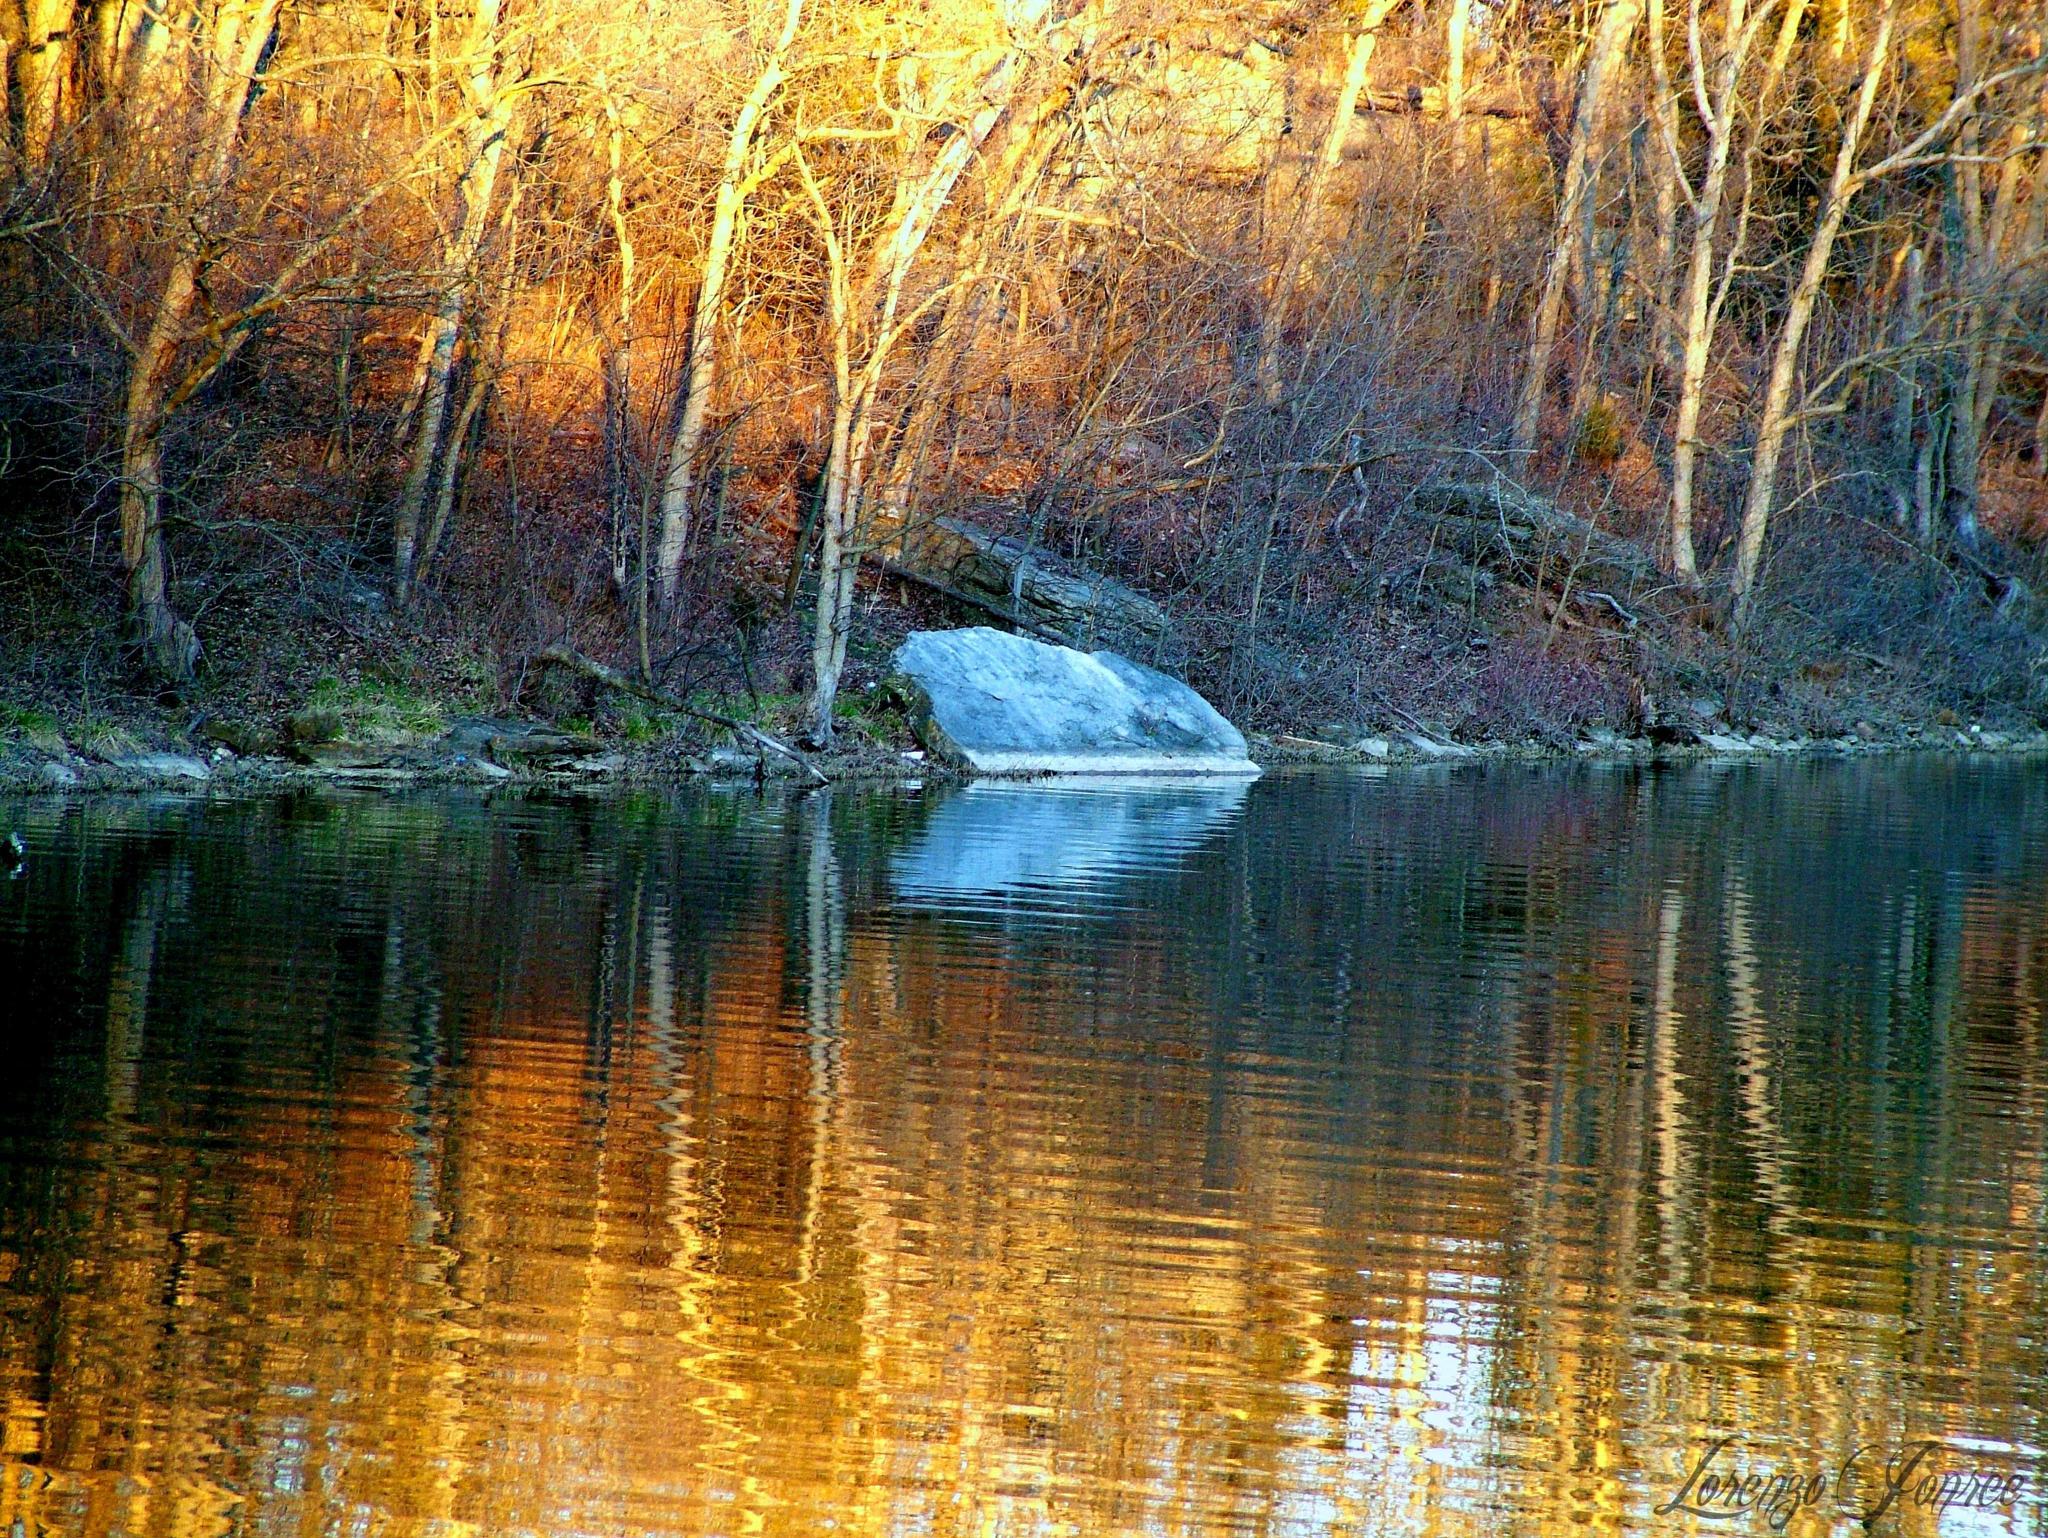 Late Winter Day Lighting On Lake  by Lorenzo (Larry) Jonree